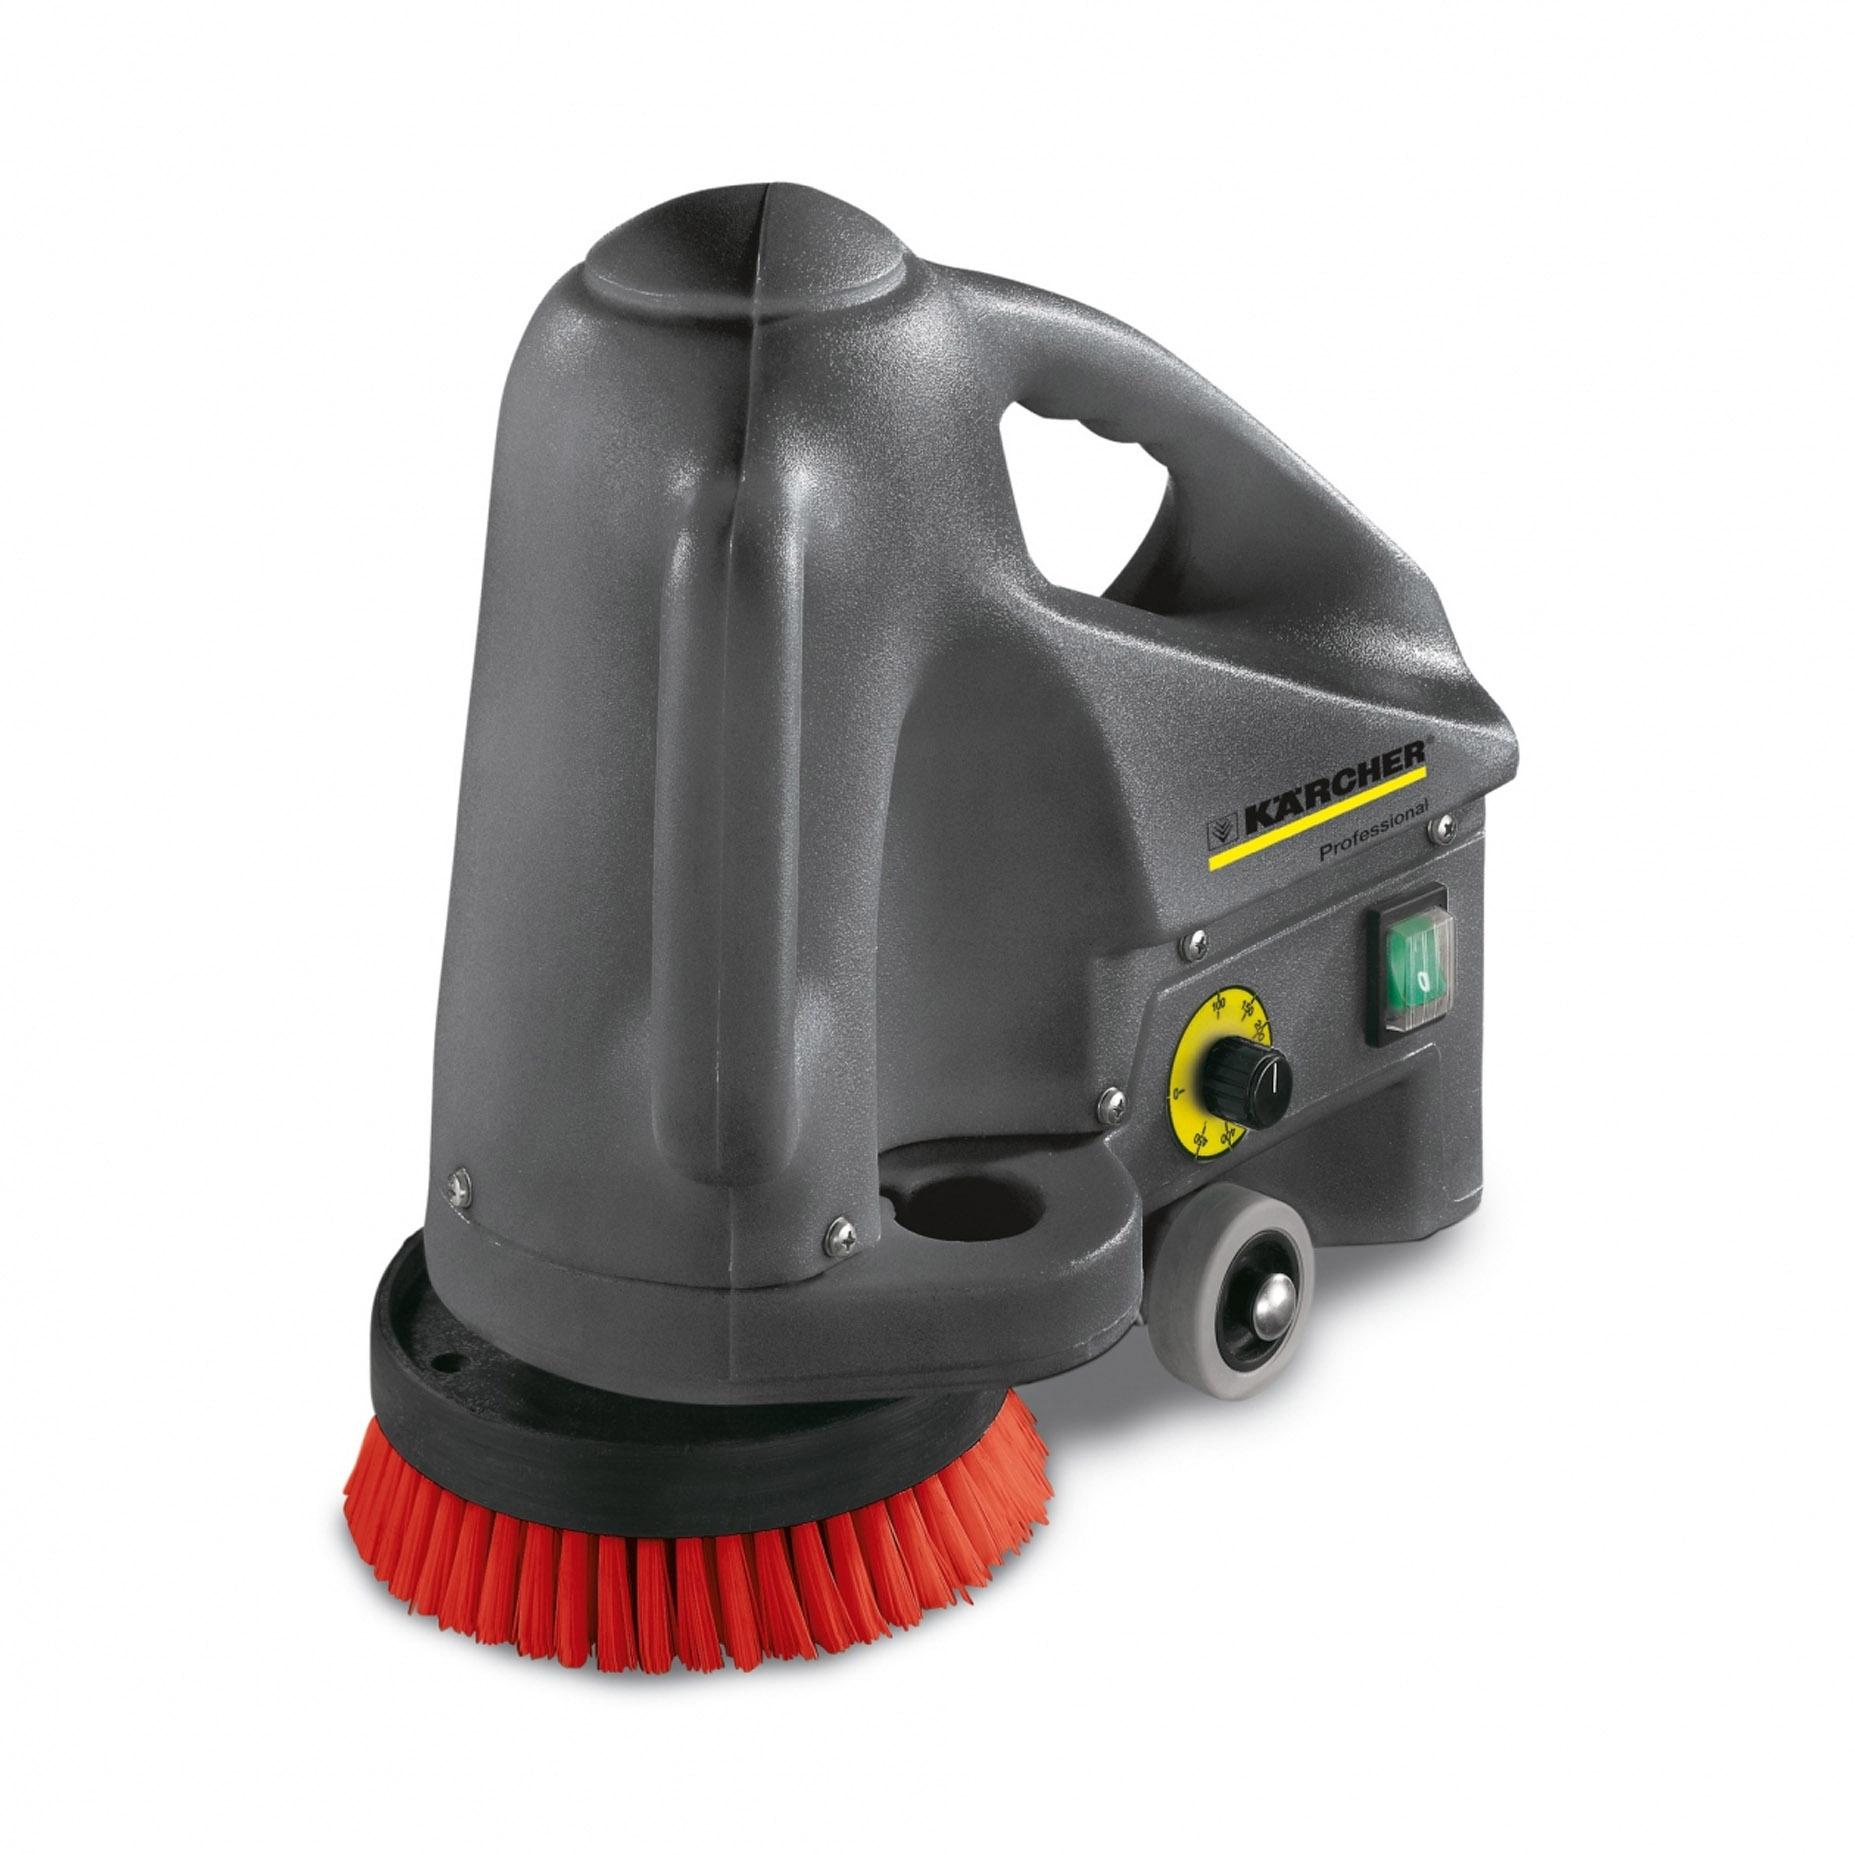 Harga Jual Karcher Bd 17 5 C Mesin Pembersih Lantai Cleaning Machine Bagus Sikat Spesifikasi